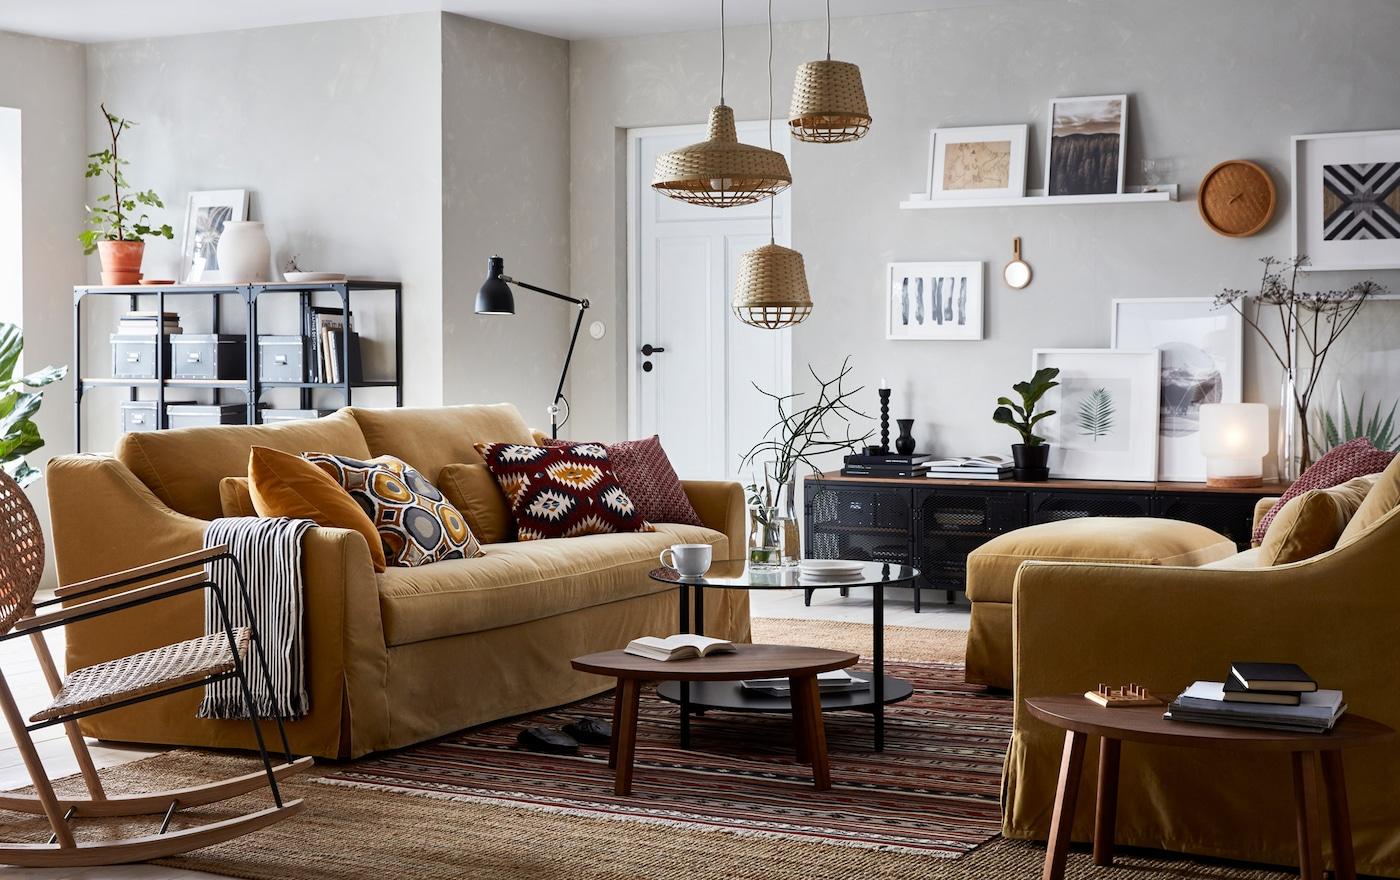 Ein In Beige, Braun U0026 Gelb Gehaltenes Wohnzimmer Mit Zeitlos Eleganten  FÄRLÖV 3er